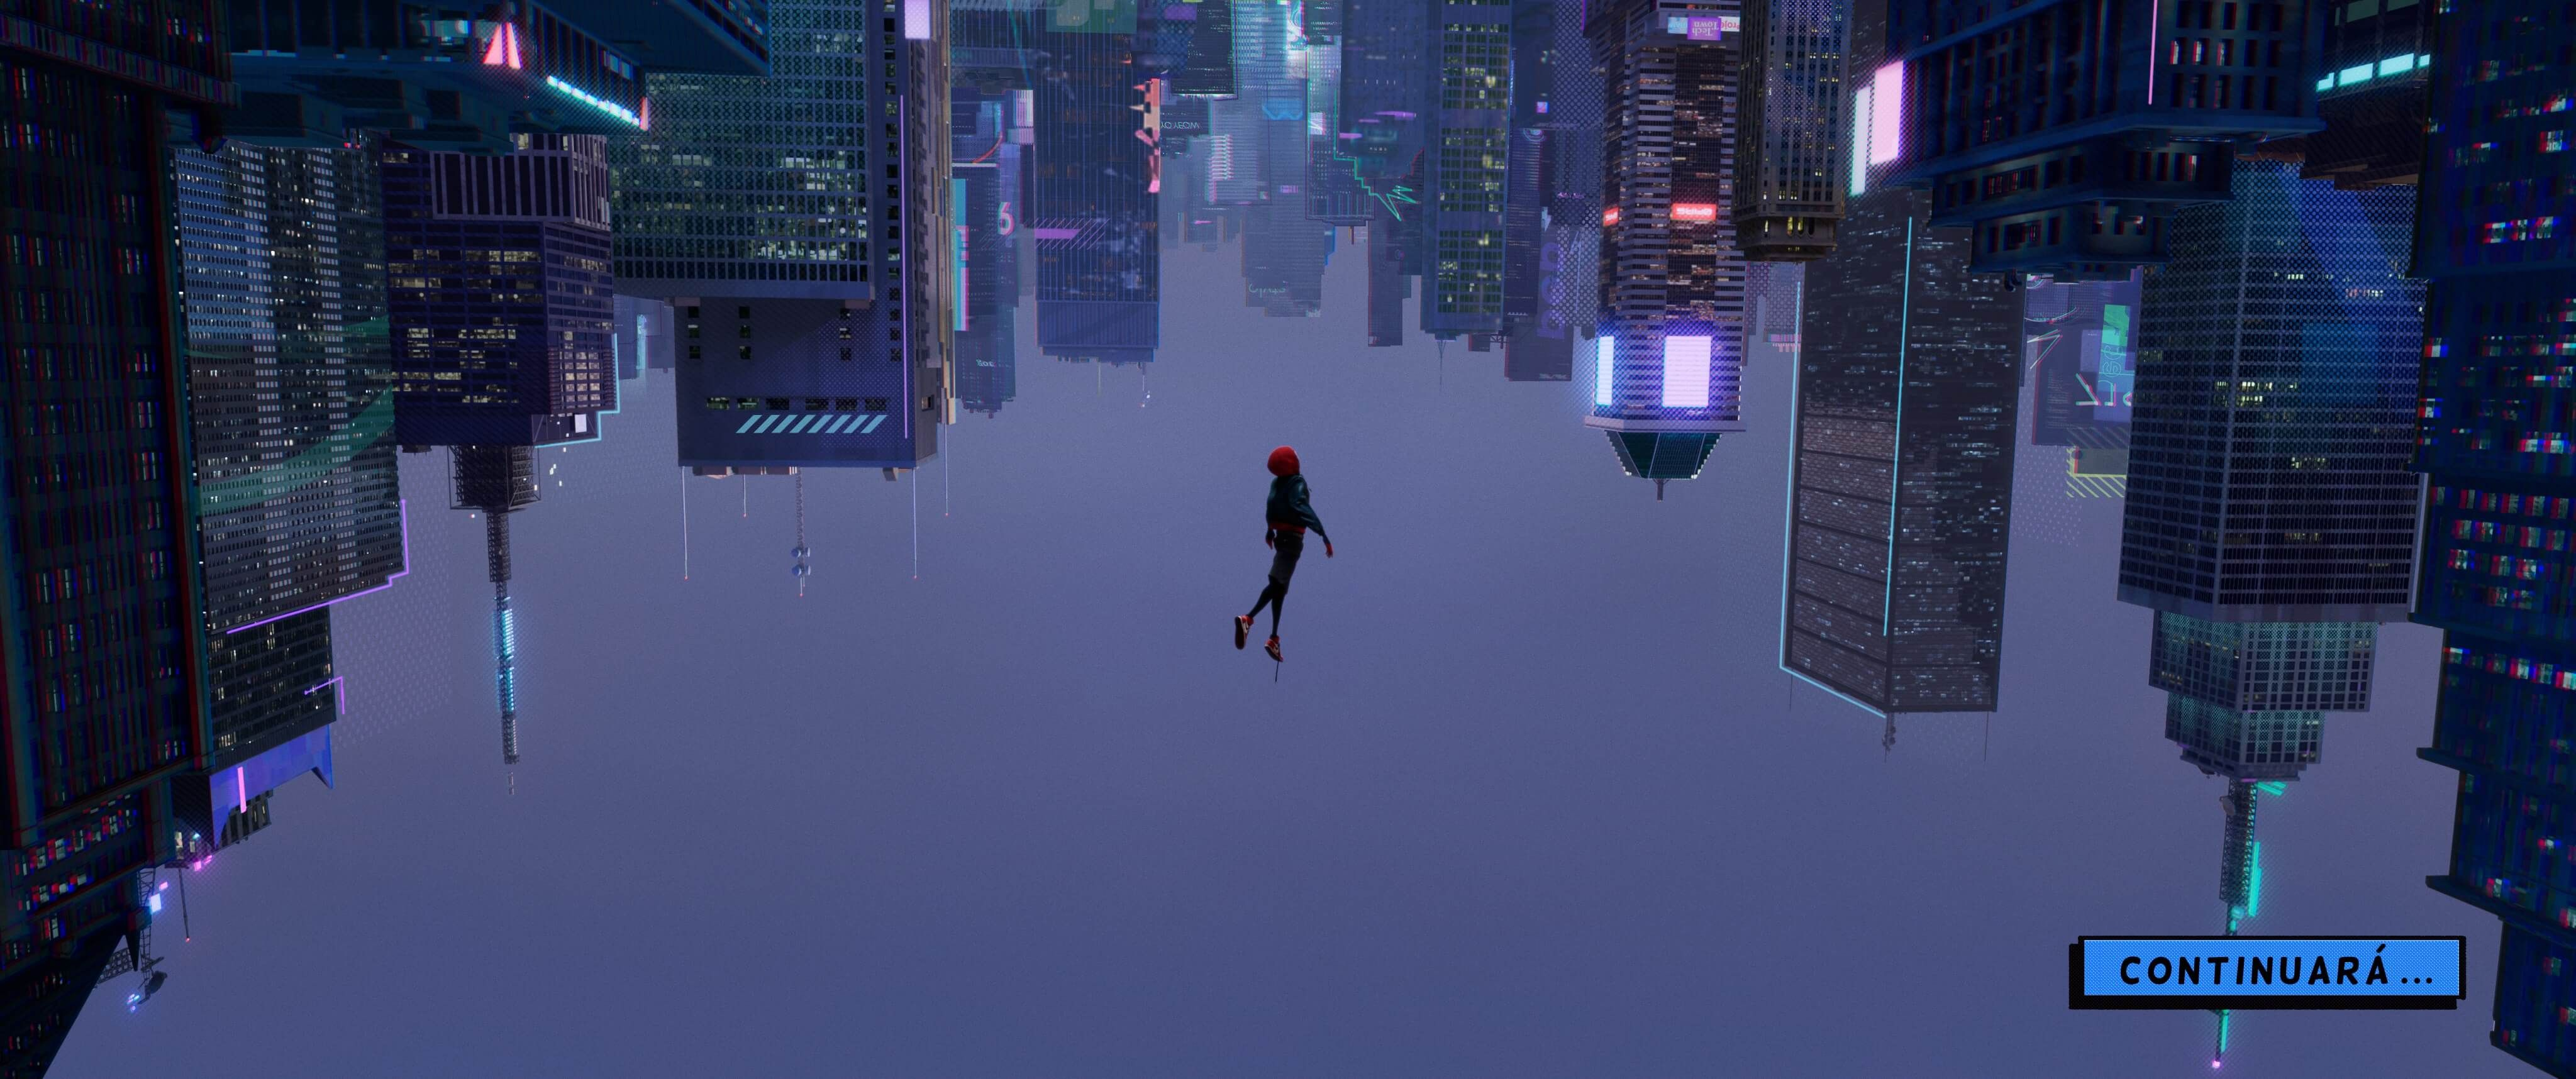 El Final De Spiderman Un Nuevo Universo Explicado Qué Quieren Gwen Stacey Y Spiderman 2099 Spiderman Un Nuevo Universo 2 Argumento